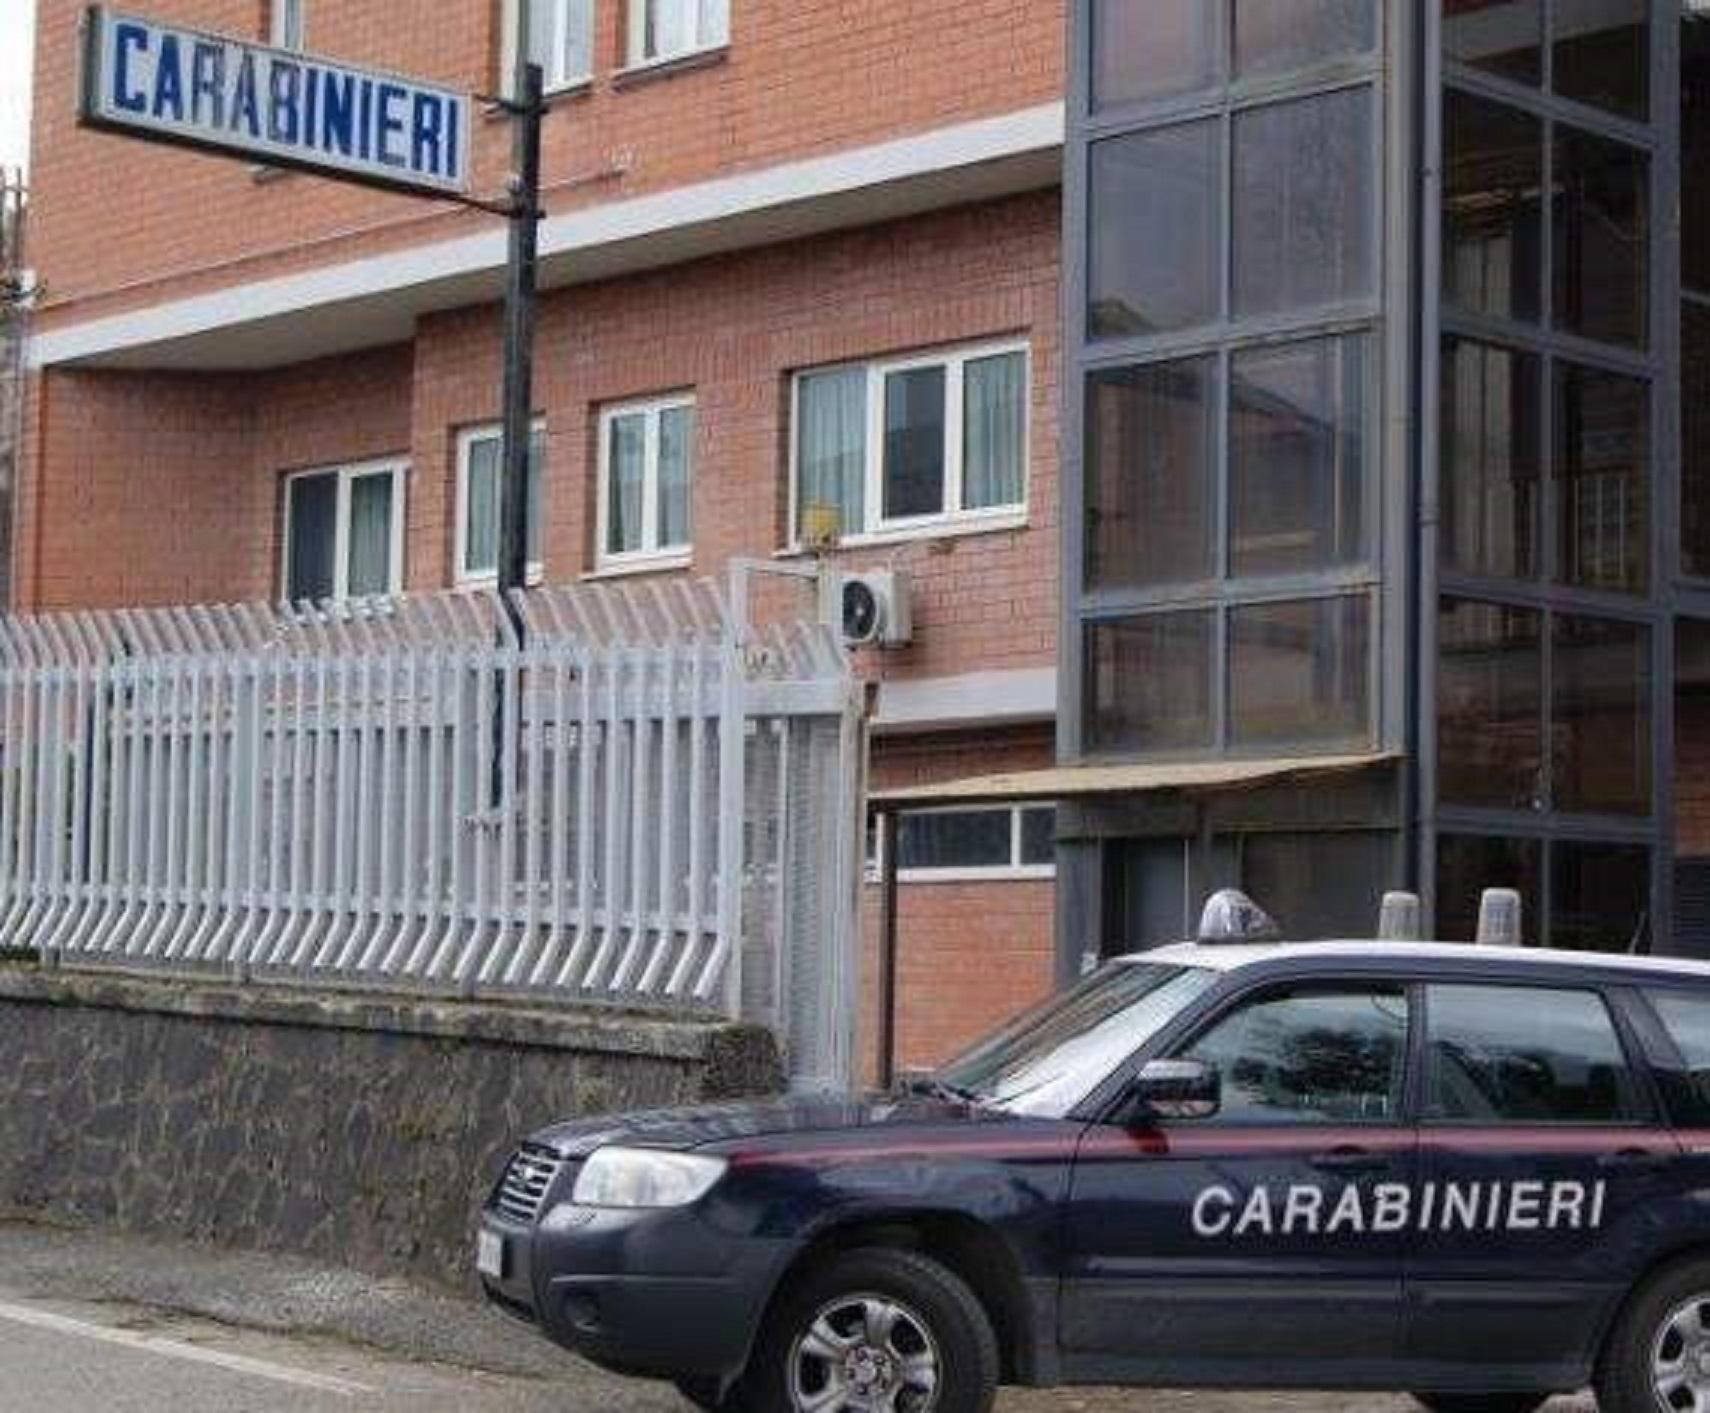 Pietrastornina| Occupano abusivamente un alloggio popolare, denunciati marito e moglie